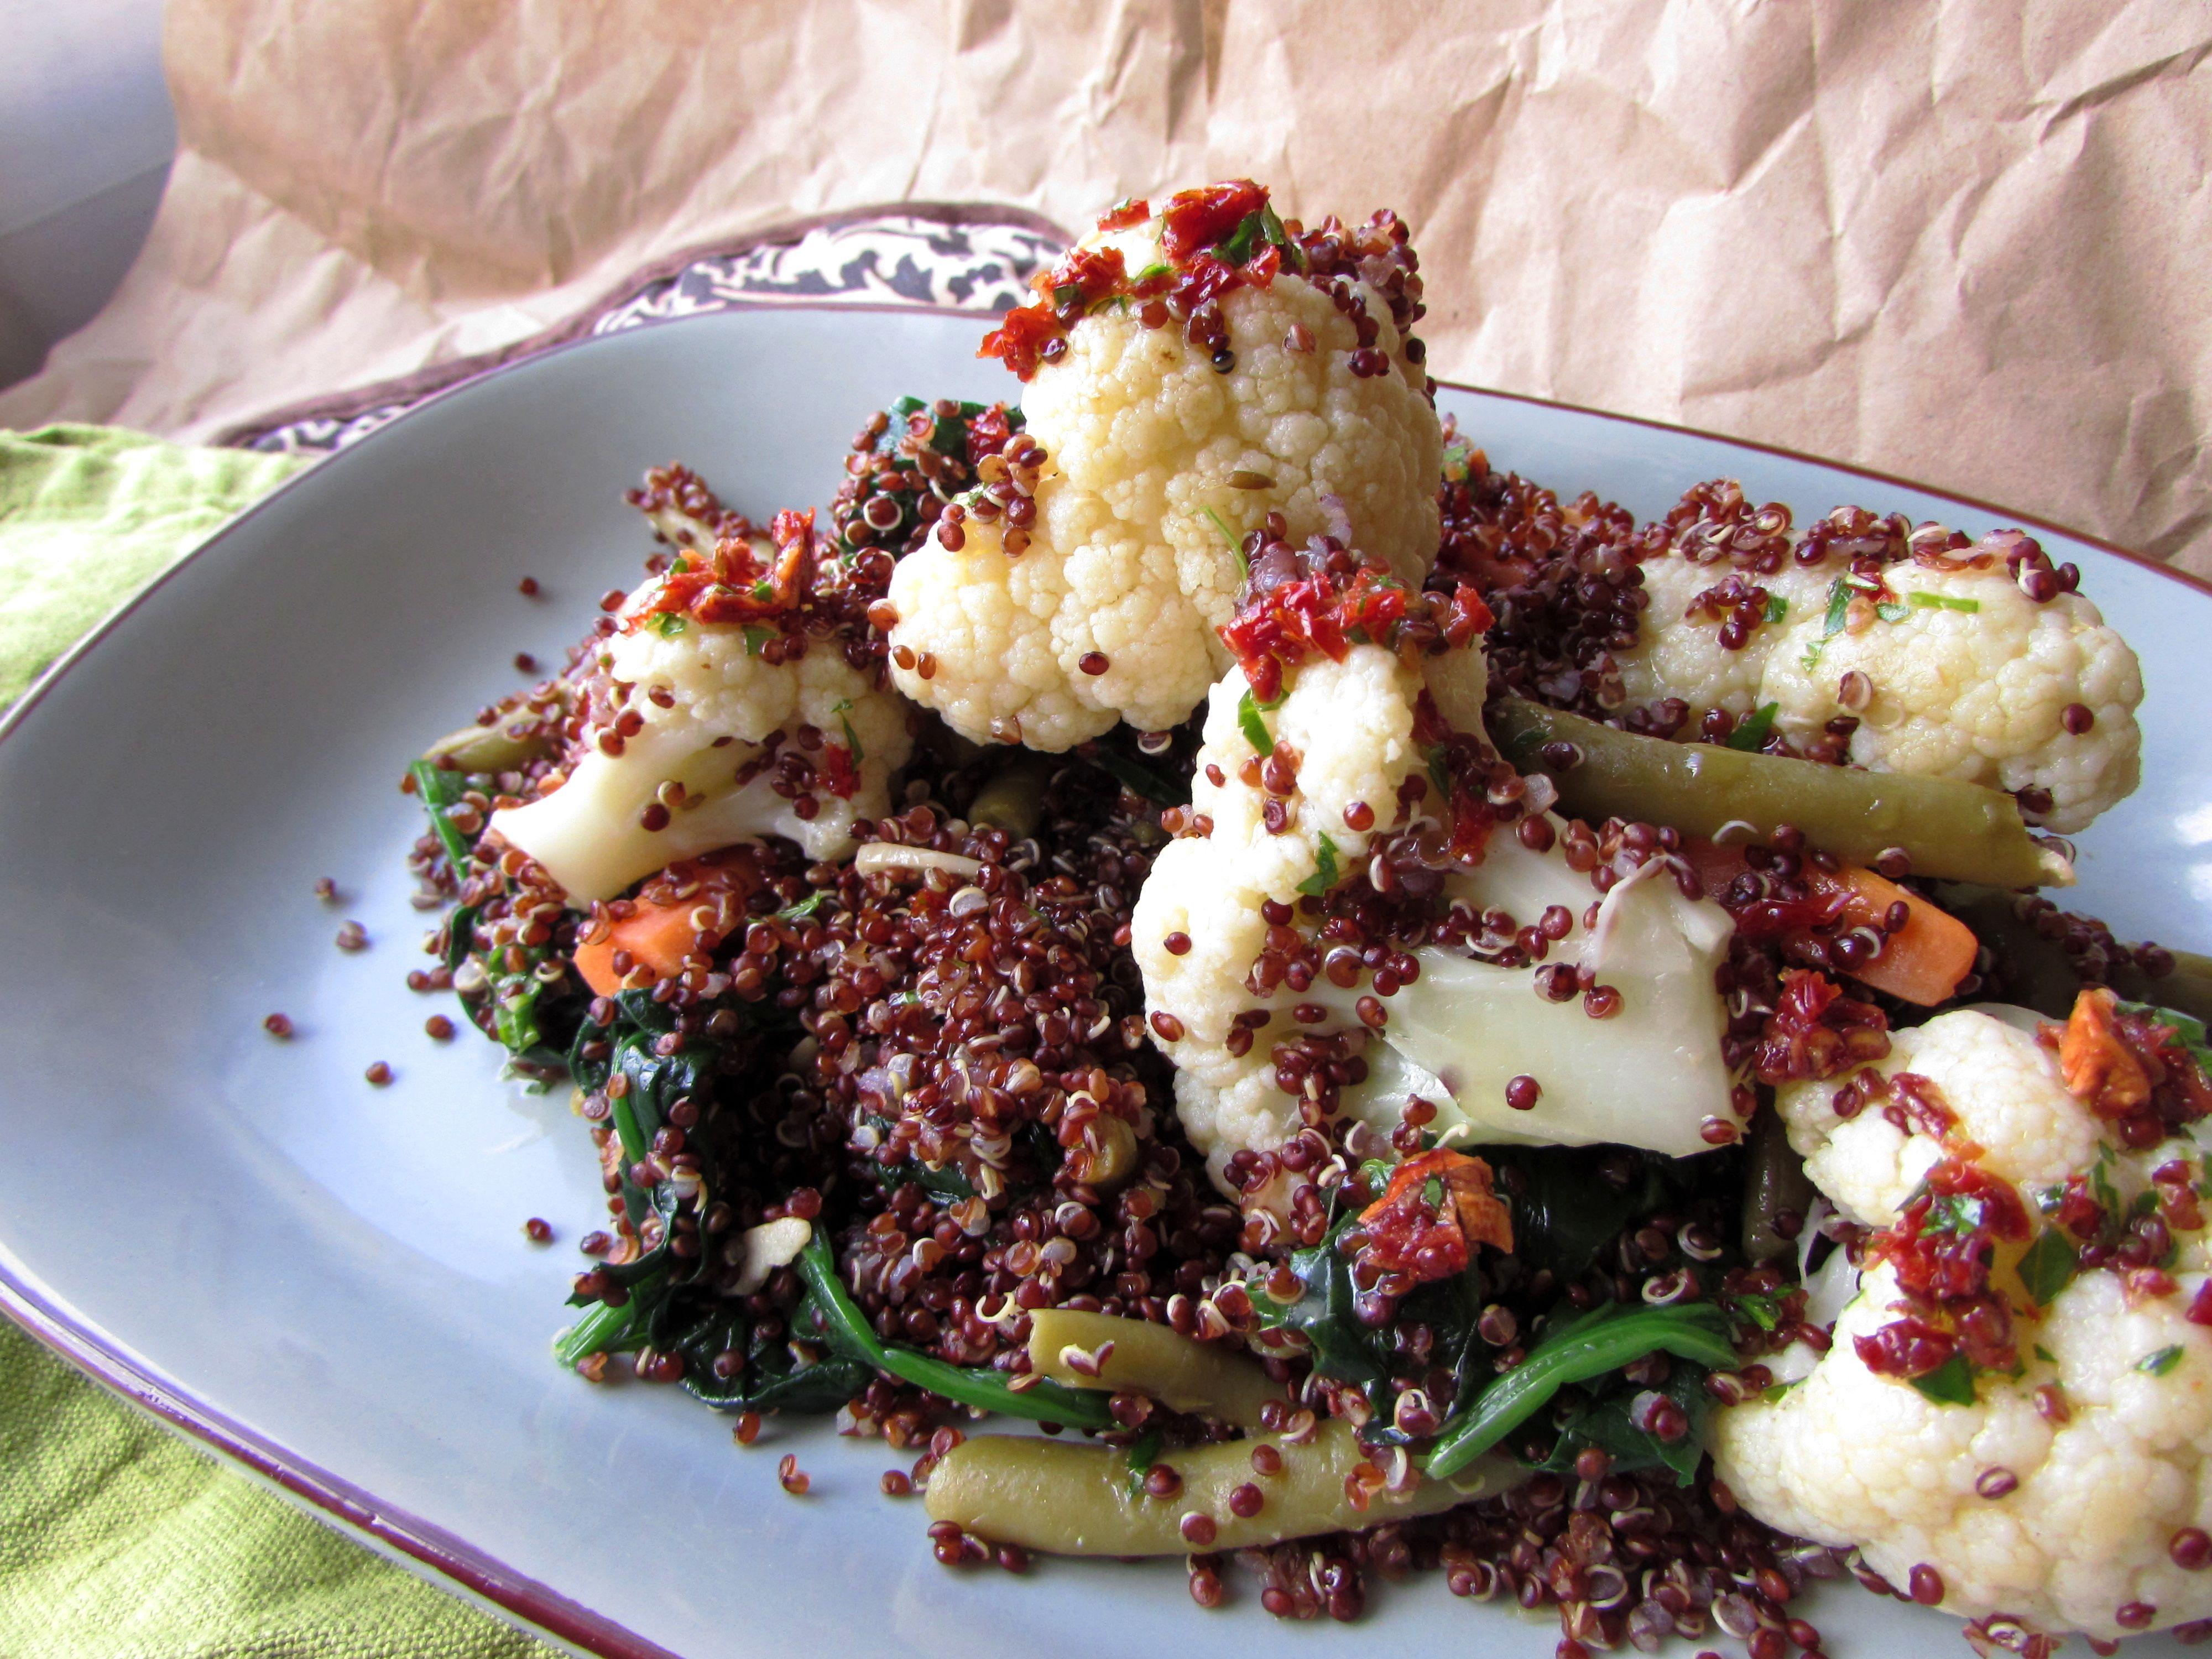 Quinoa roja salteada y bien aliñada: sana pero sabrosa